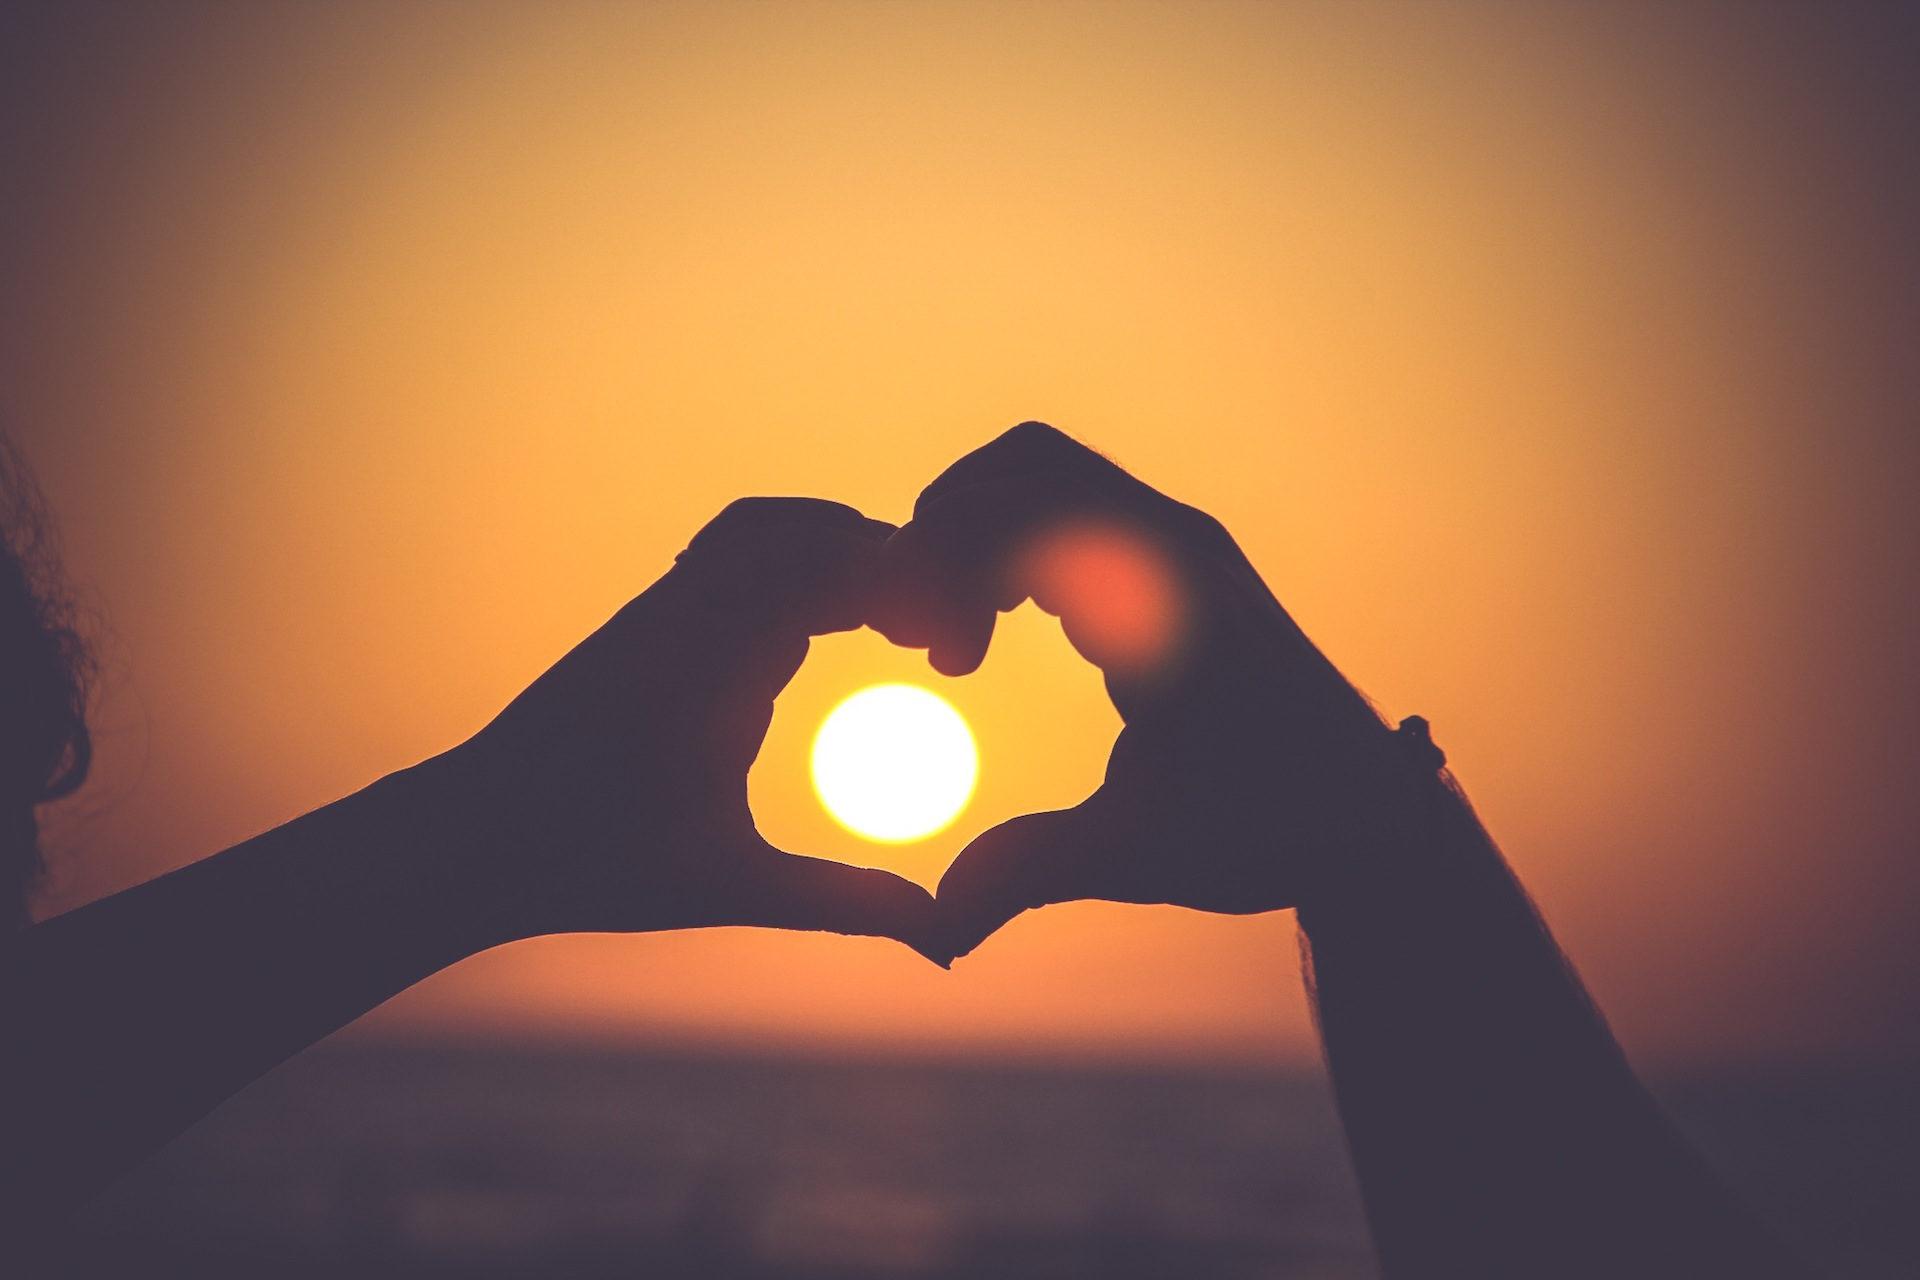 mains, Formes, coeur, Sun, Coucher de soleil - Fonds d'écran HD - Professor-falken.com